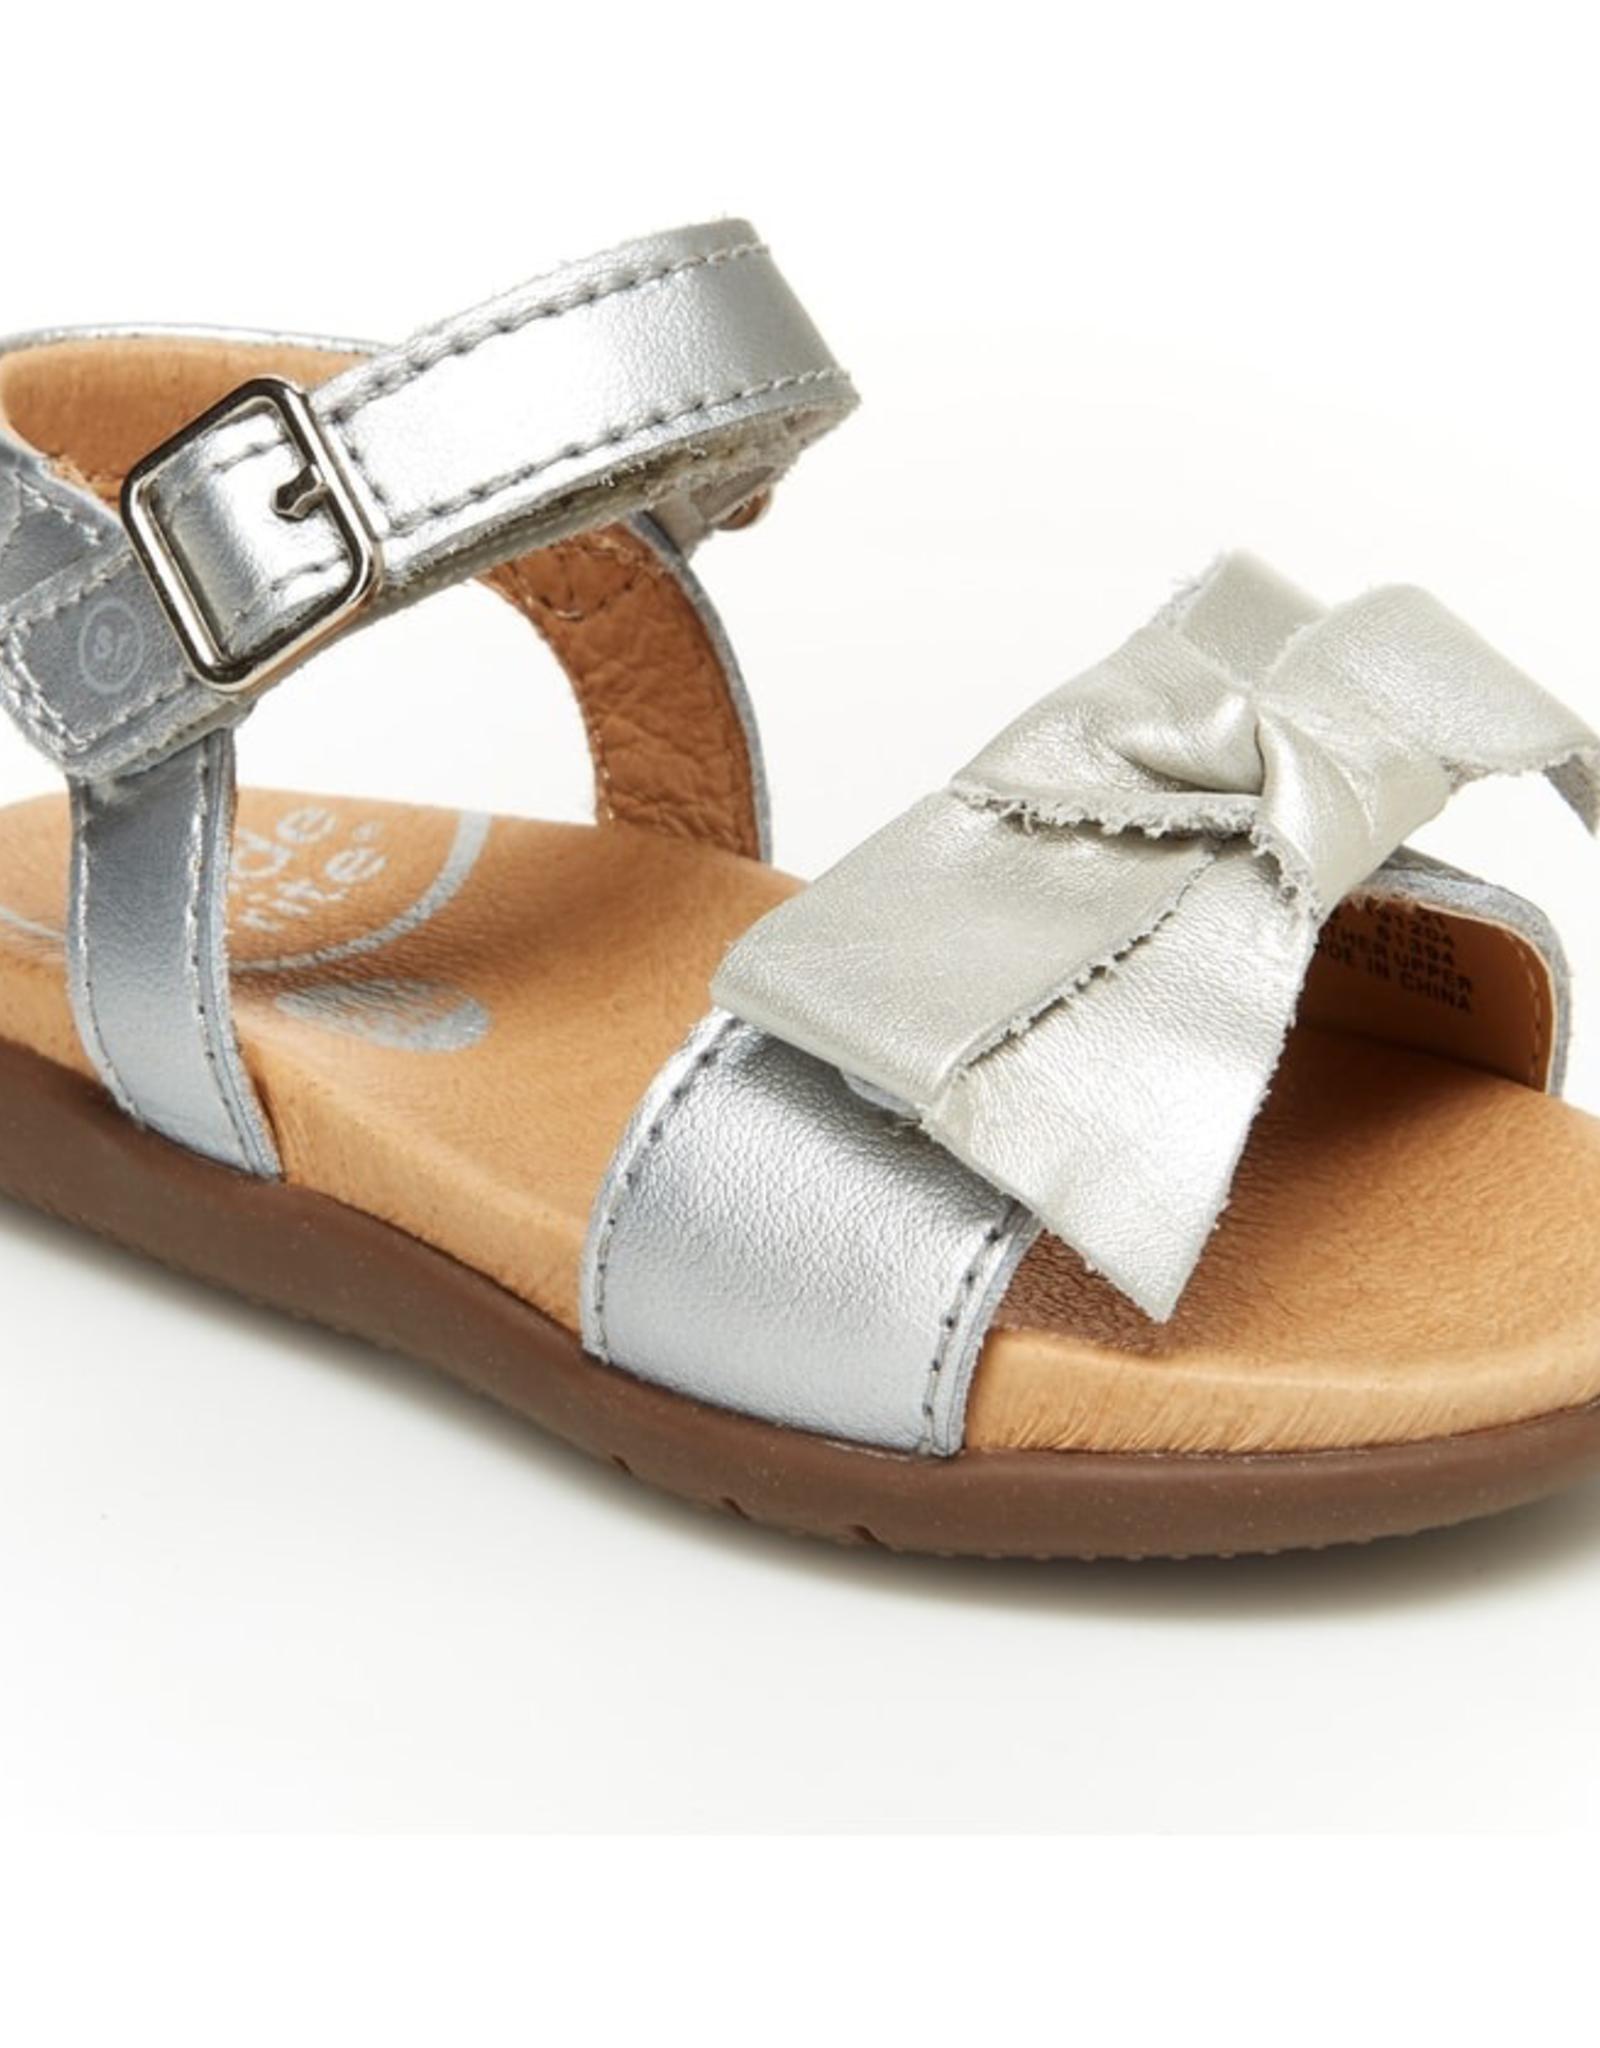 Striderite Savannah sandal